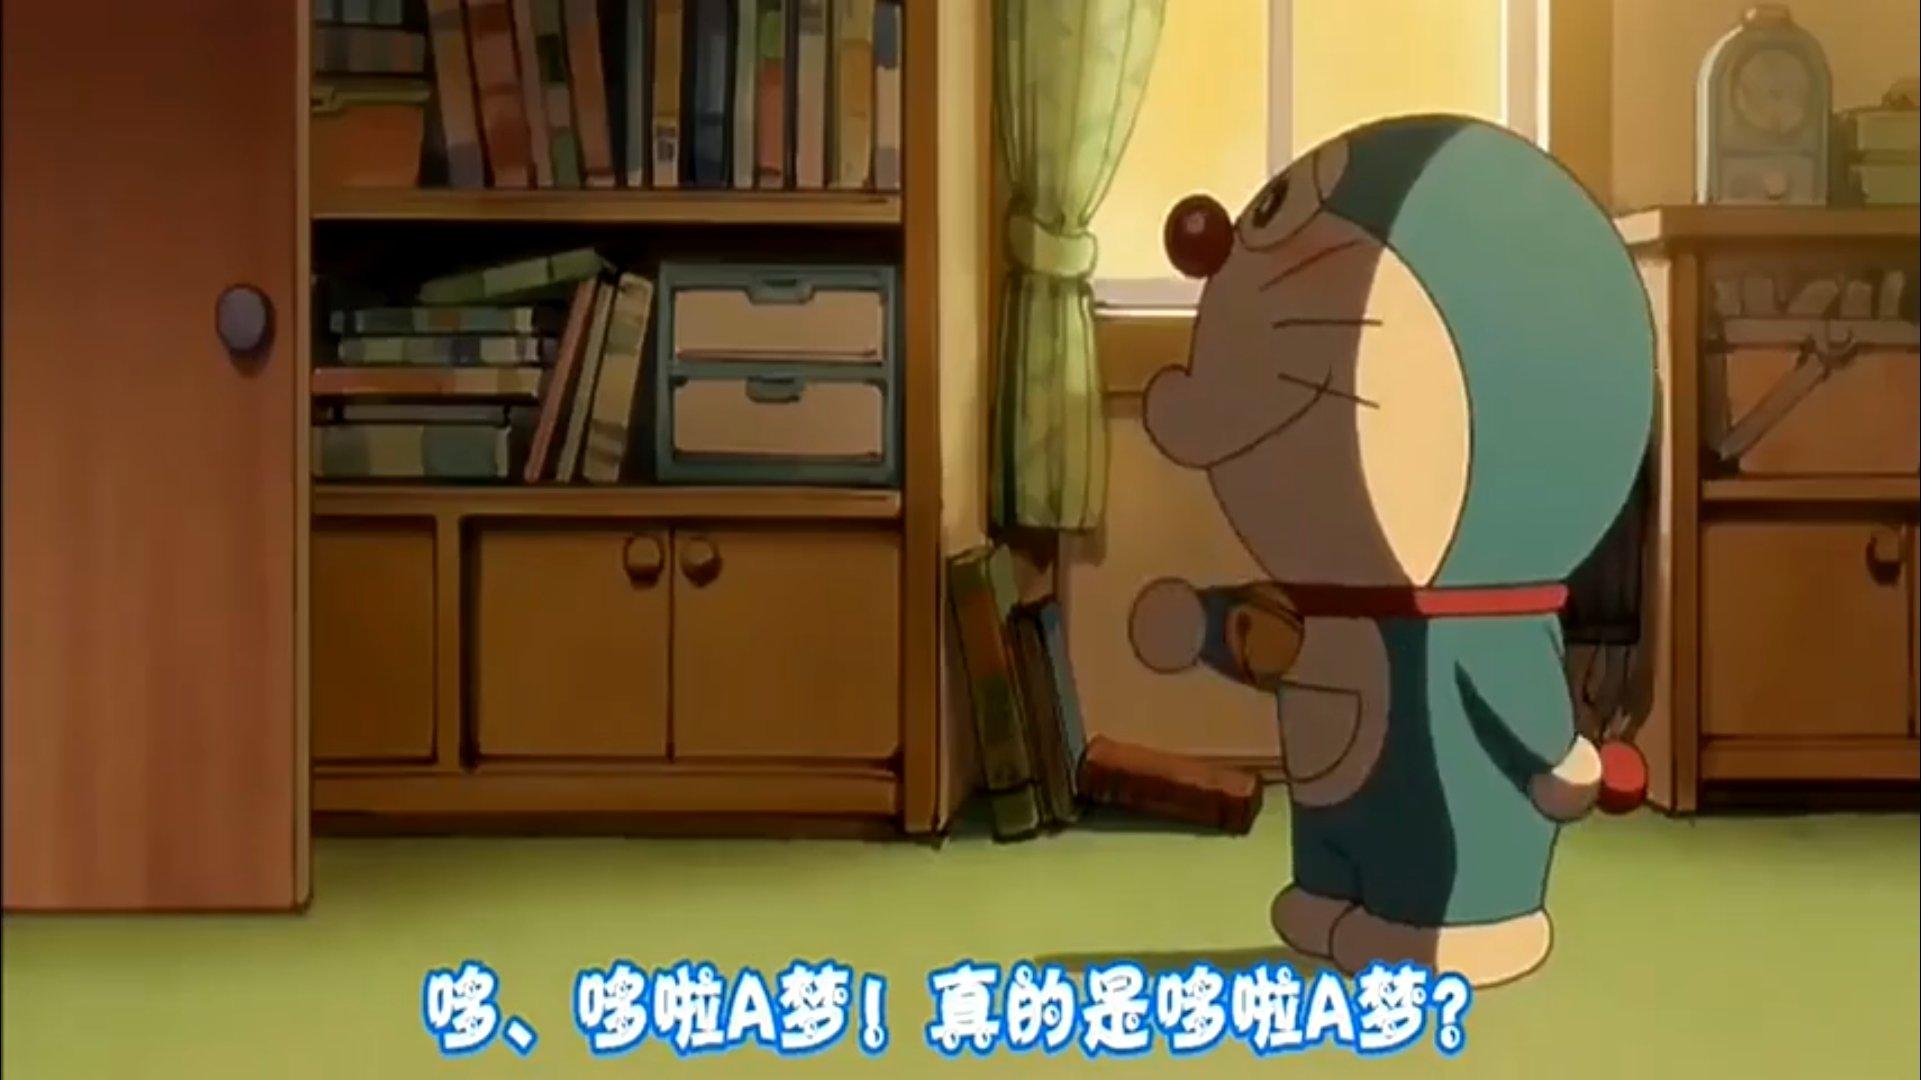 【视频】哆啦A梦:没想到大雄的谎话让哆啦A梦归来了,实在是好极了